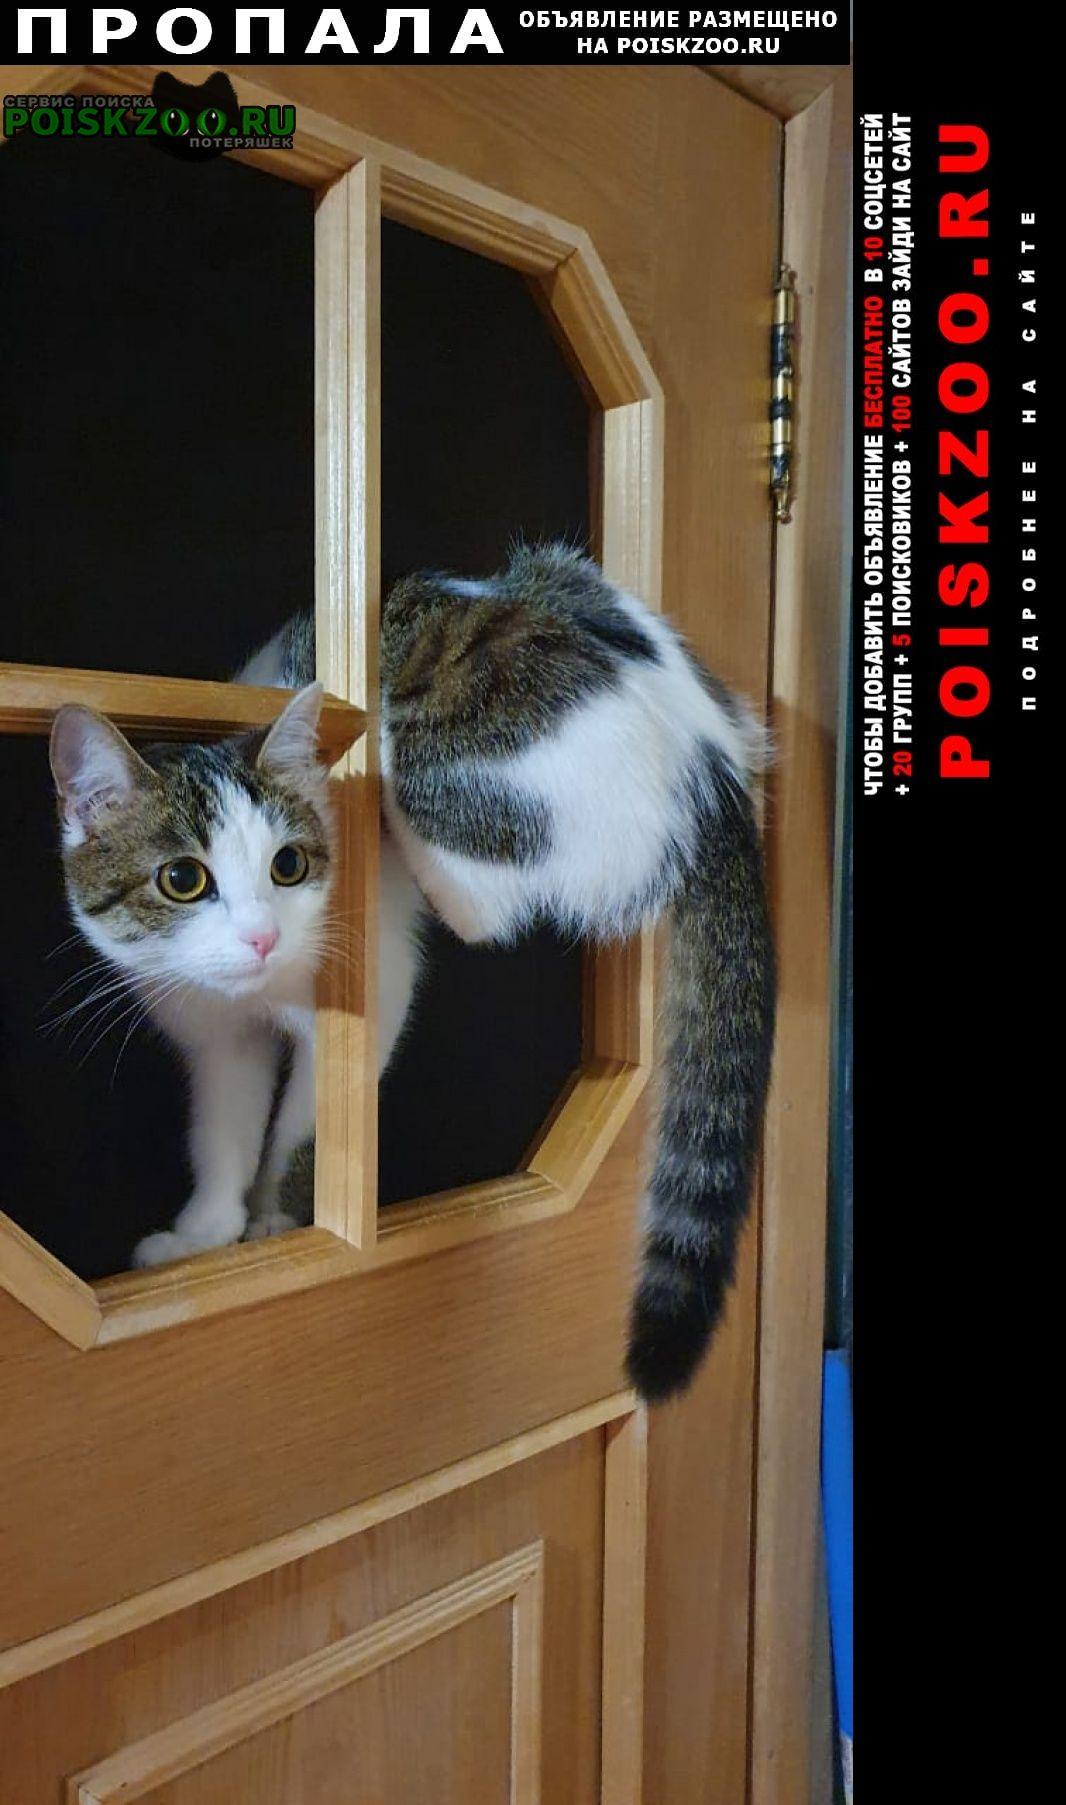 Пропала кошка Ростов